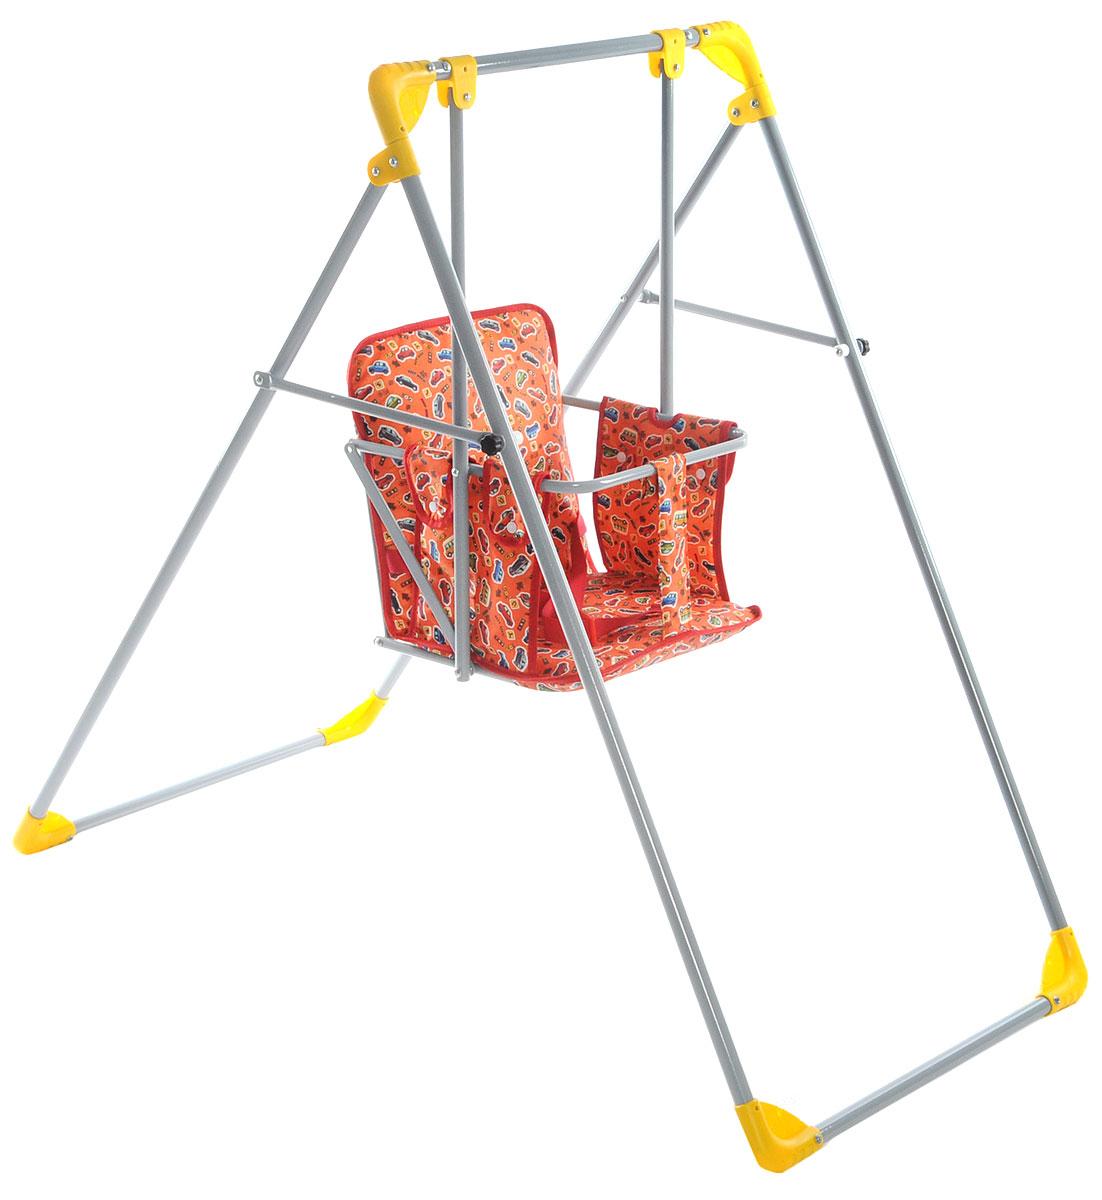 Фея Качели Чарли цвет оранжевый серый желтый - Игры на открытом воздухе